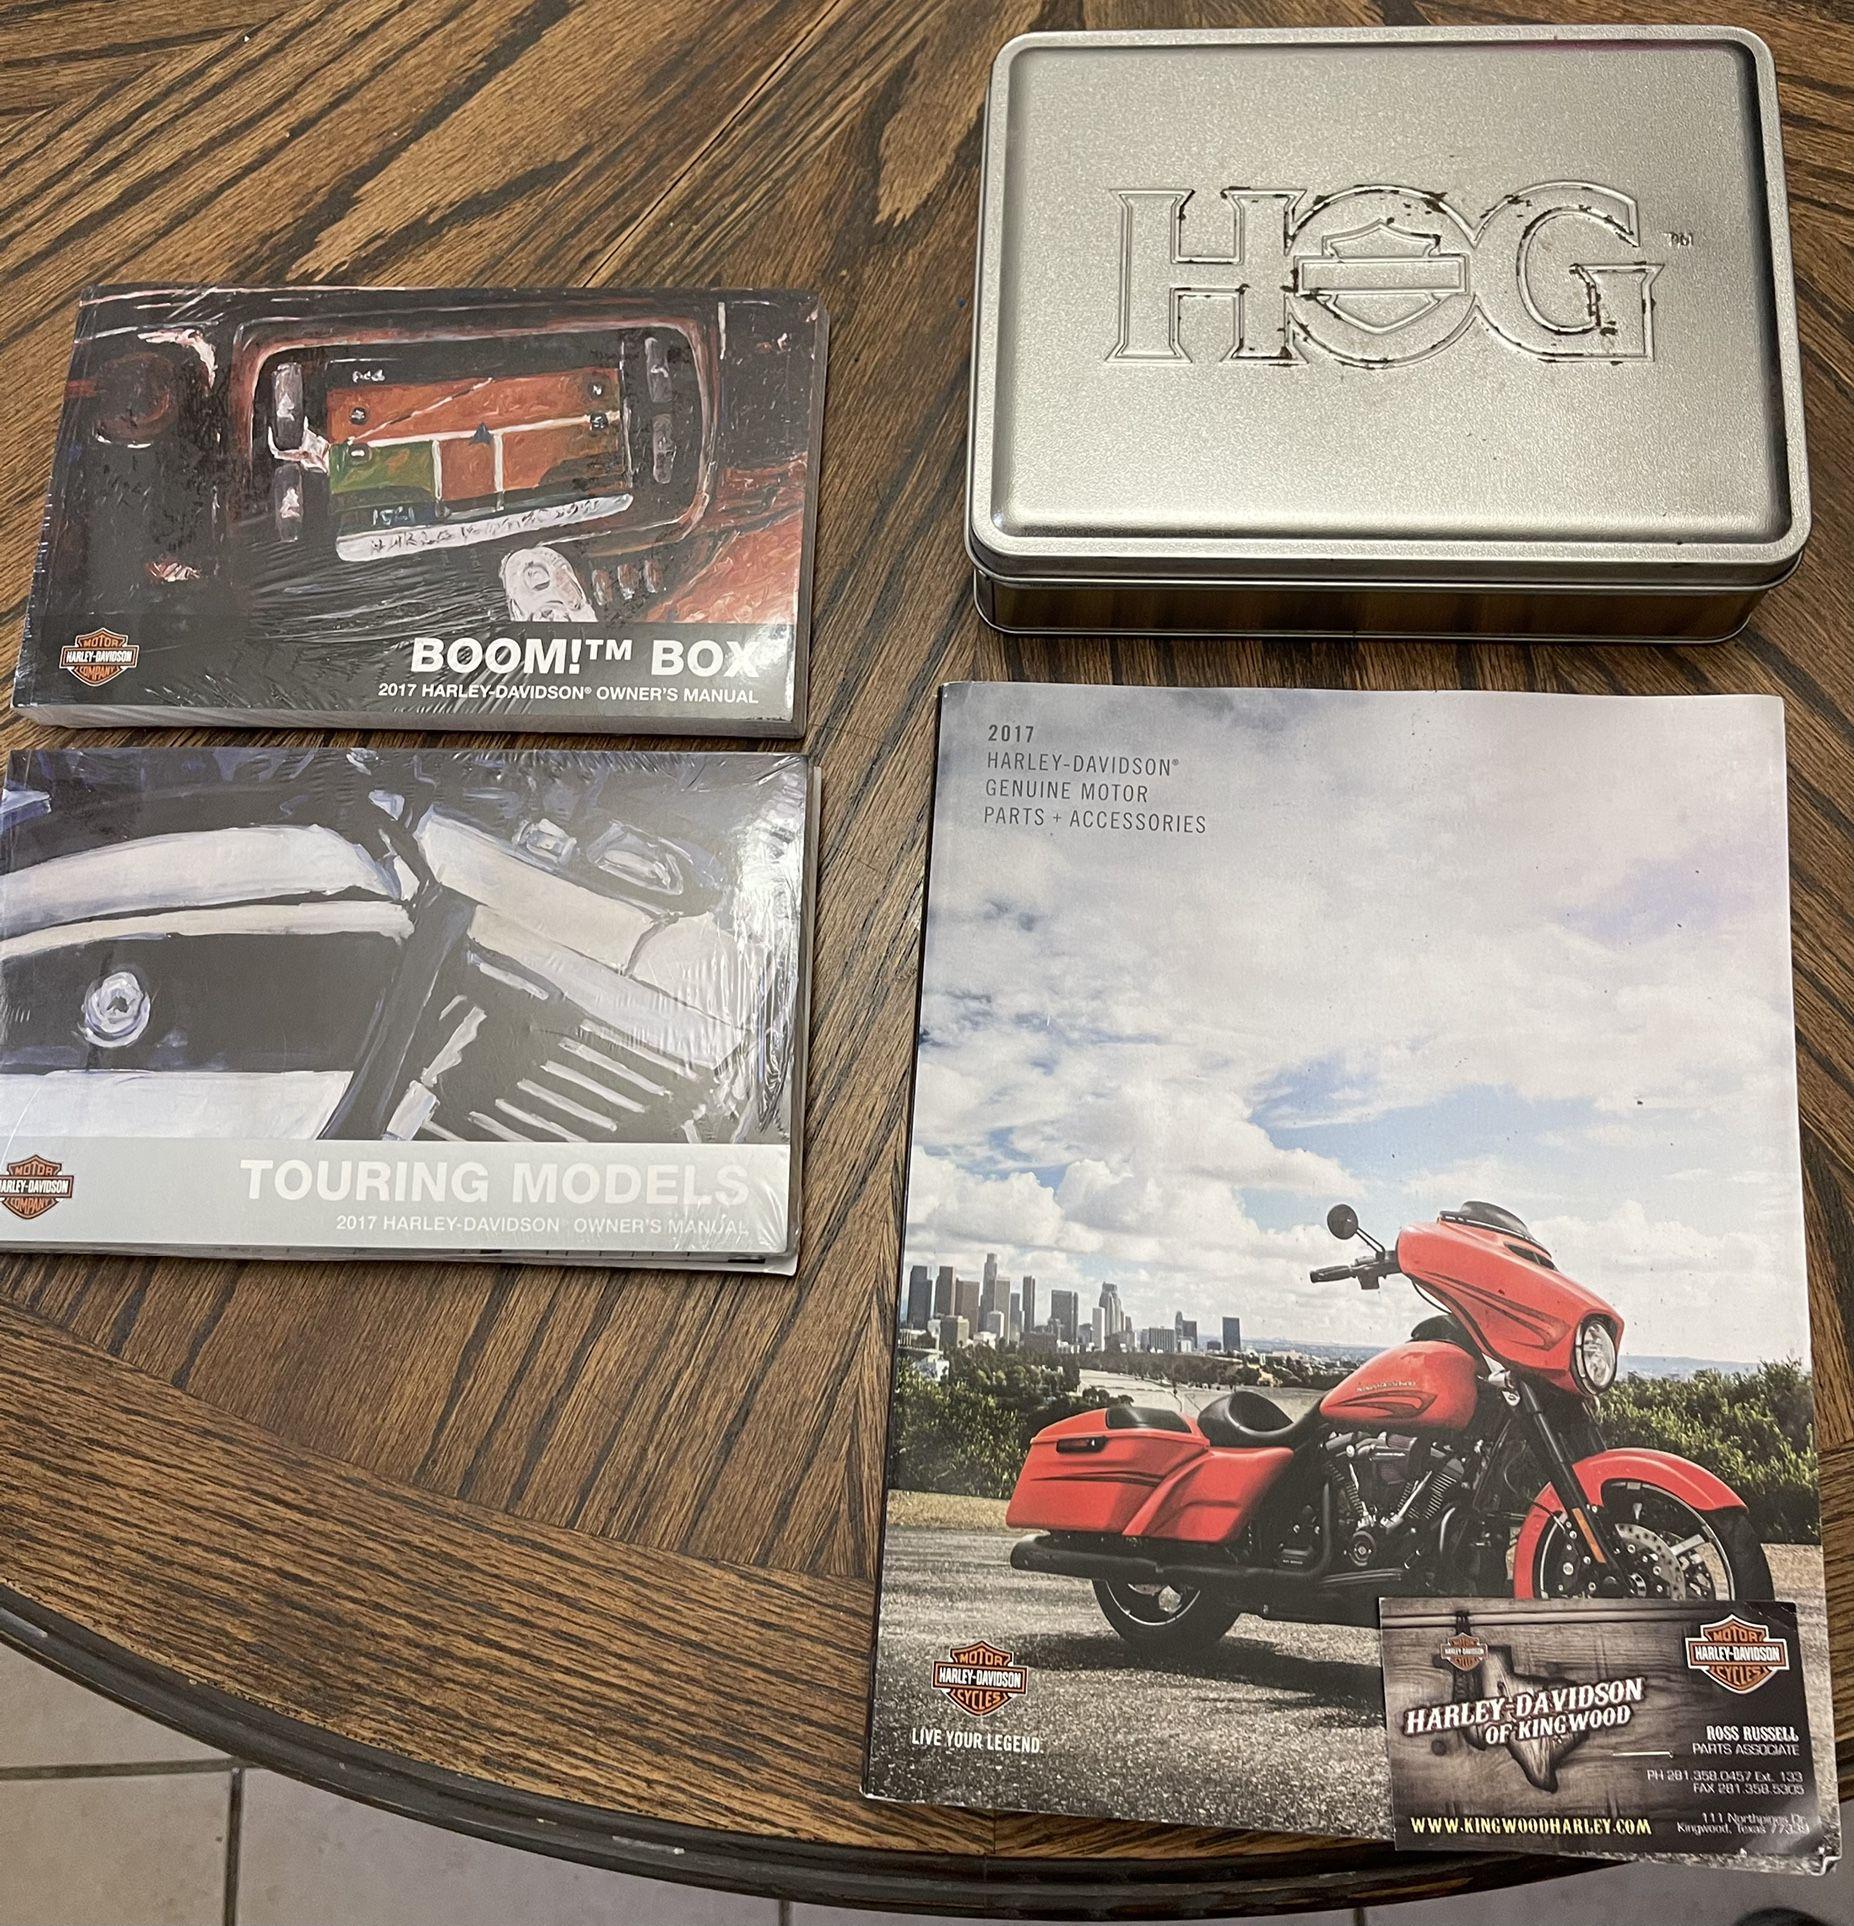 Photo 2017 Harley Davidson Manual, Parts Catalog, And Owner Kit